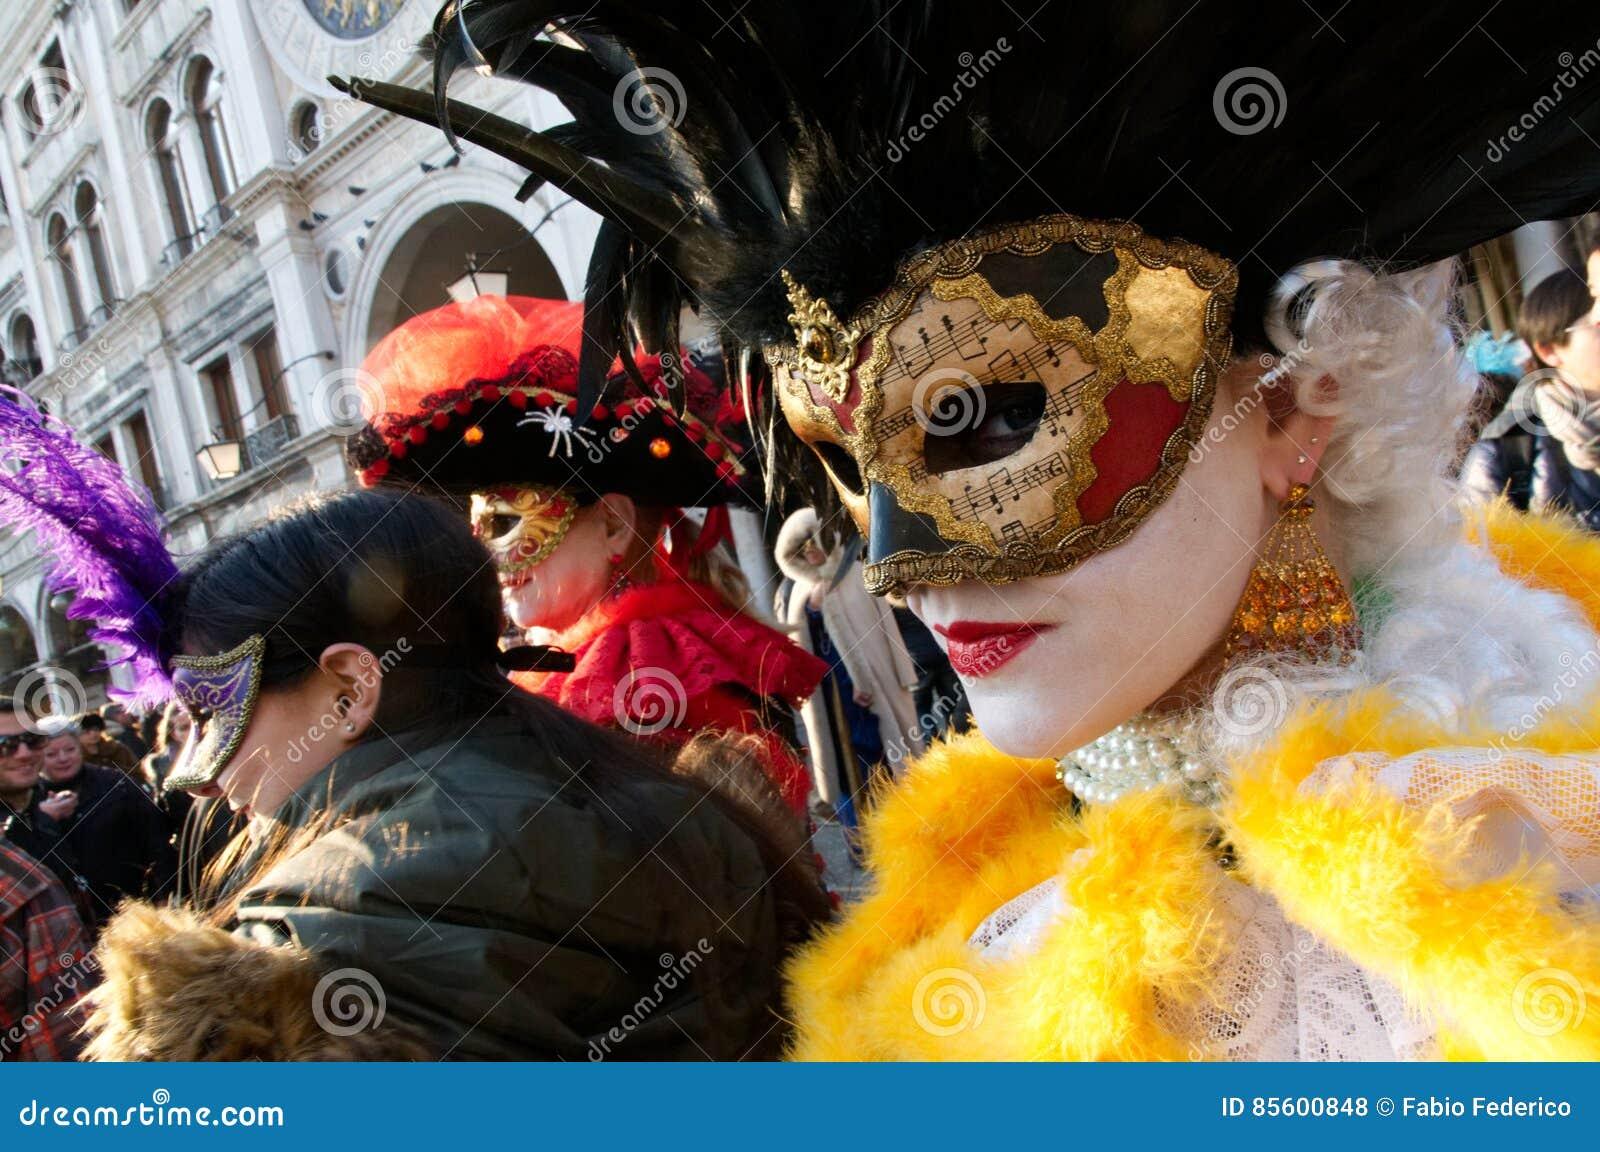 Lady wearing a mask